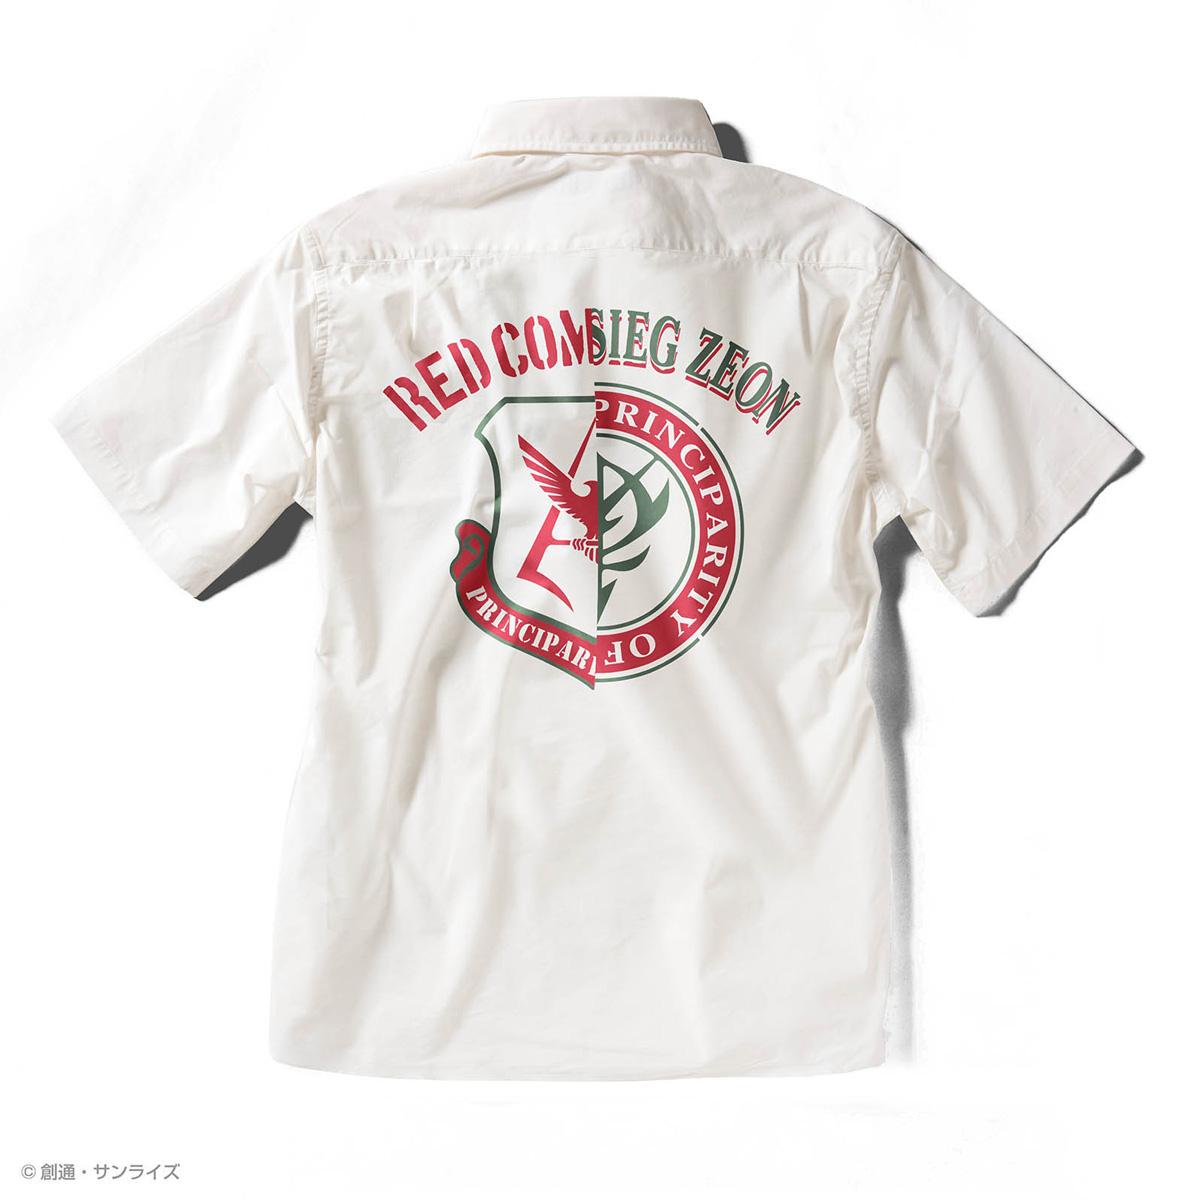 STRICT-G『機動戦士ガンダム』 クールマックス 半袖オープンカラーPt.シャツ RED COMET